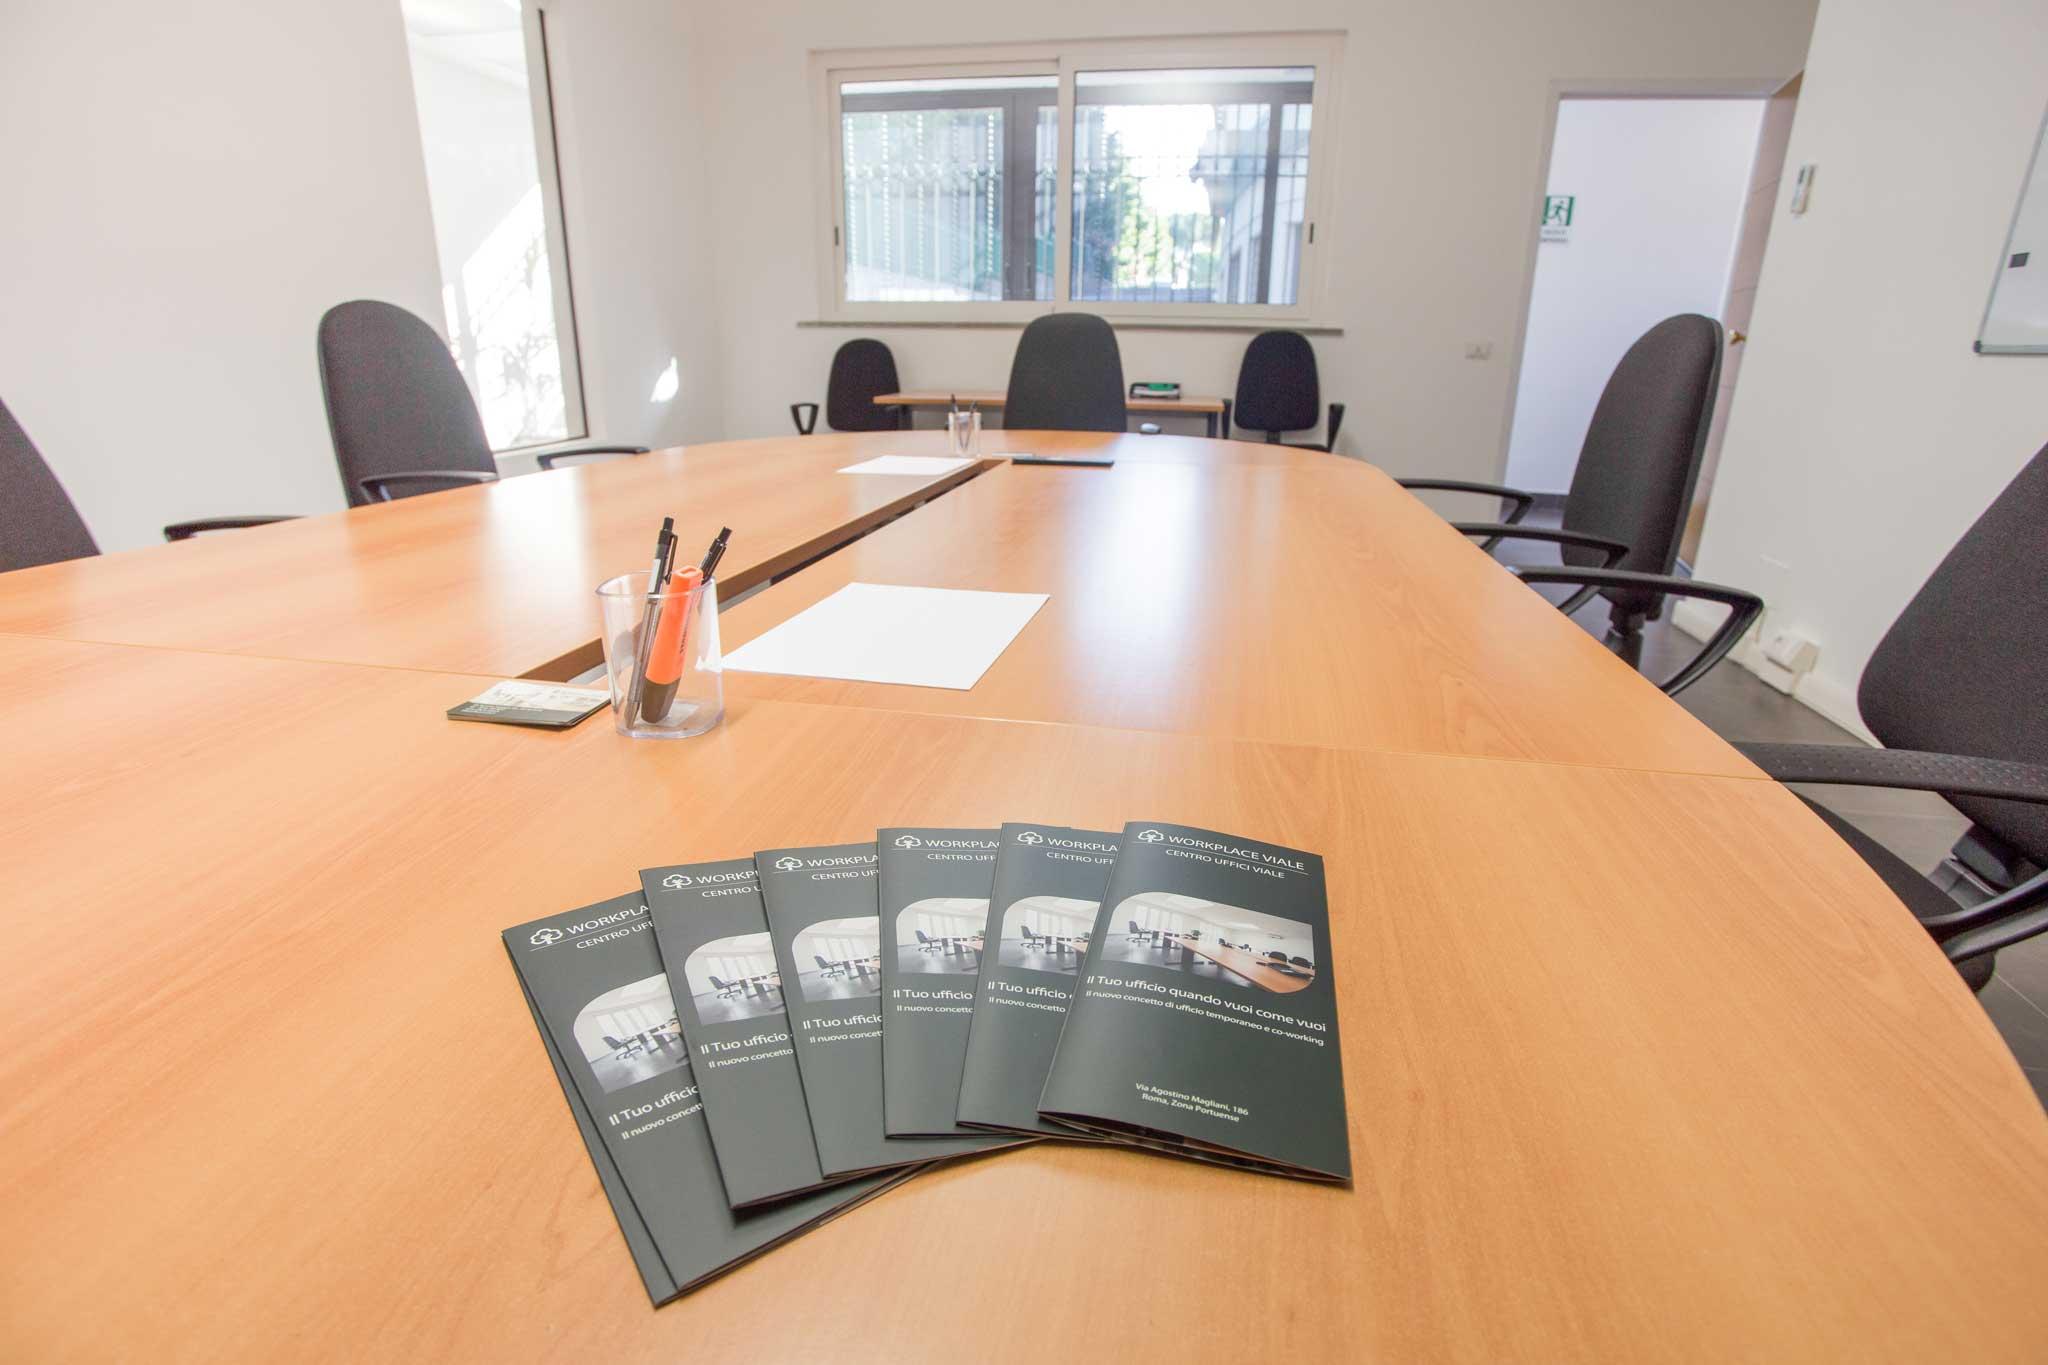 Sala riunioni per meeting portuense uffici in affitto a for Affitto studio eur